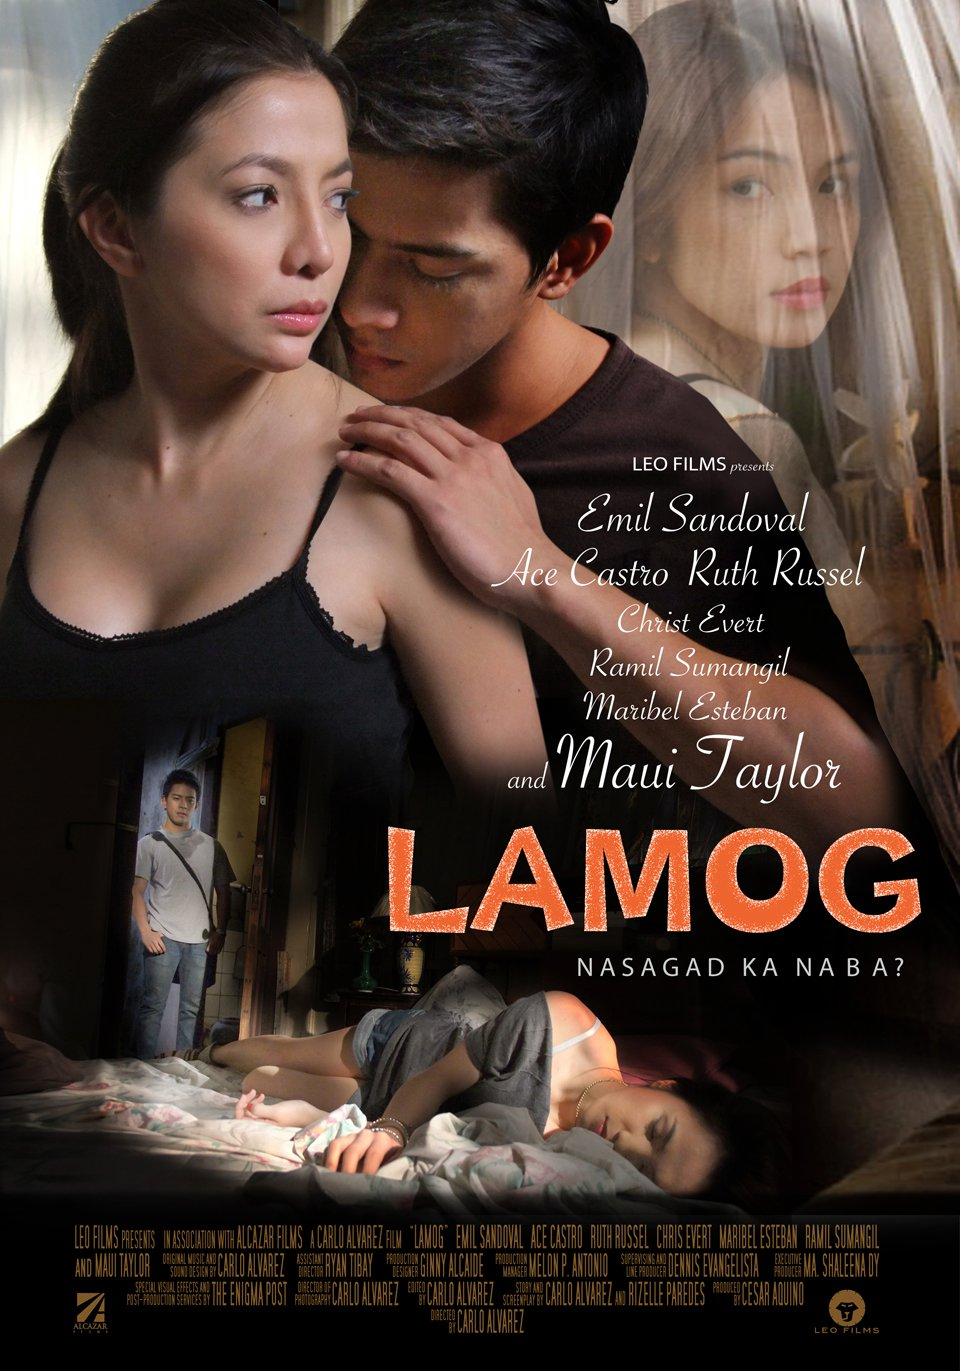 Lamog movie